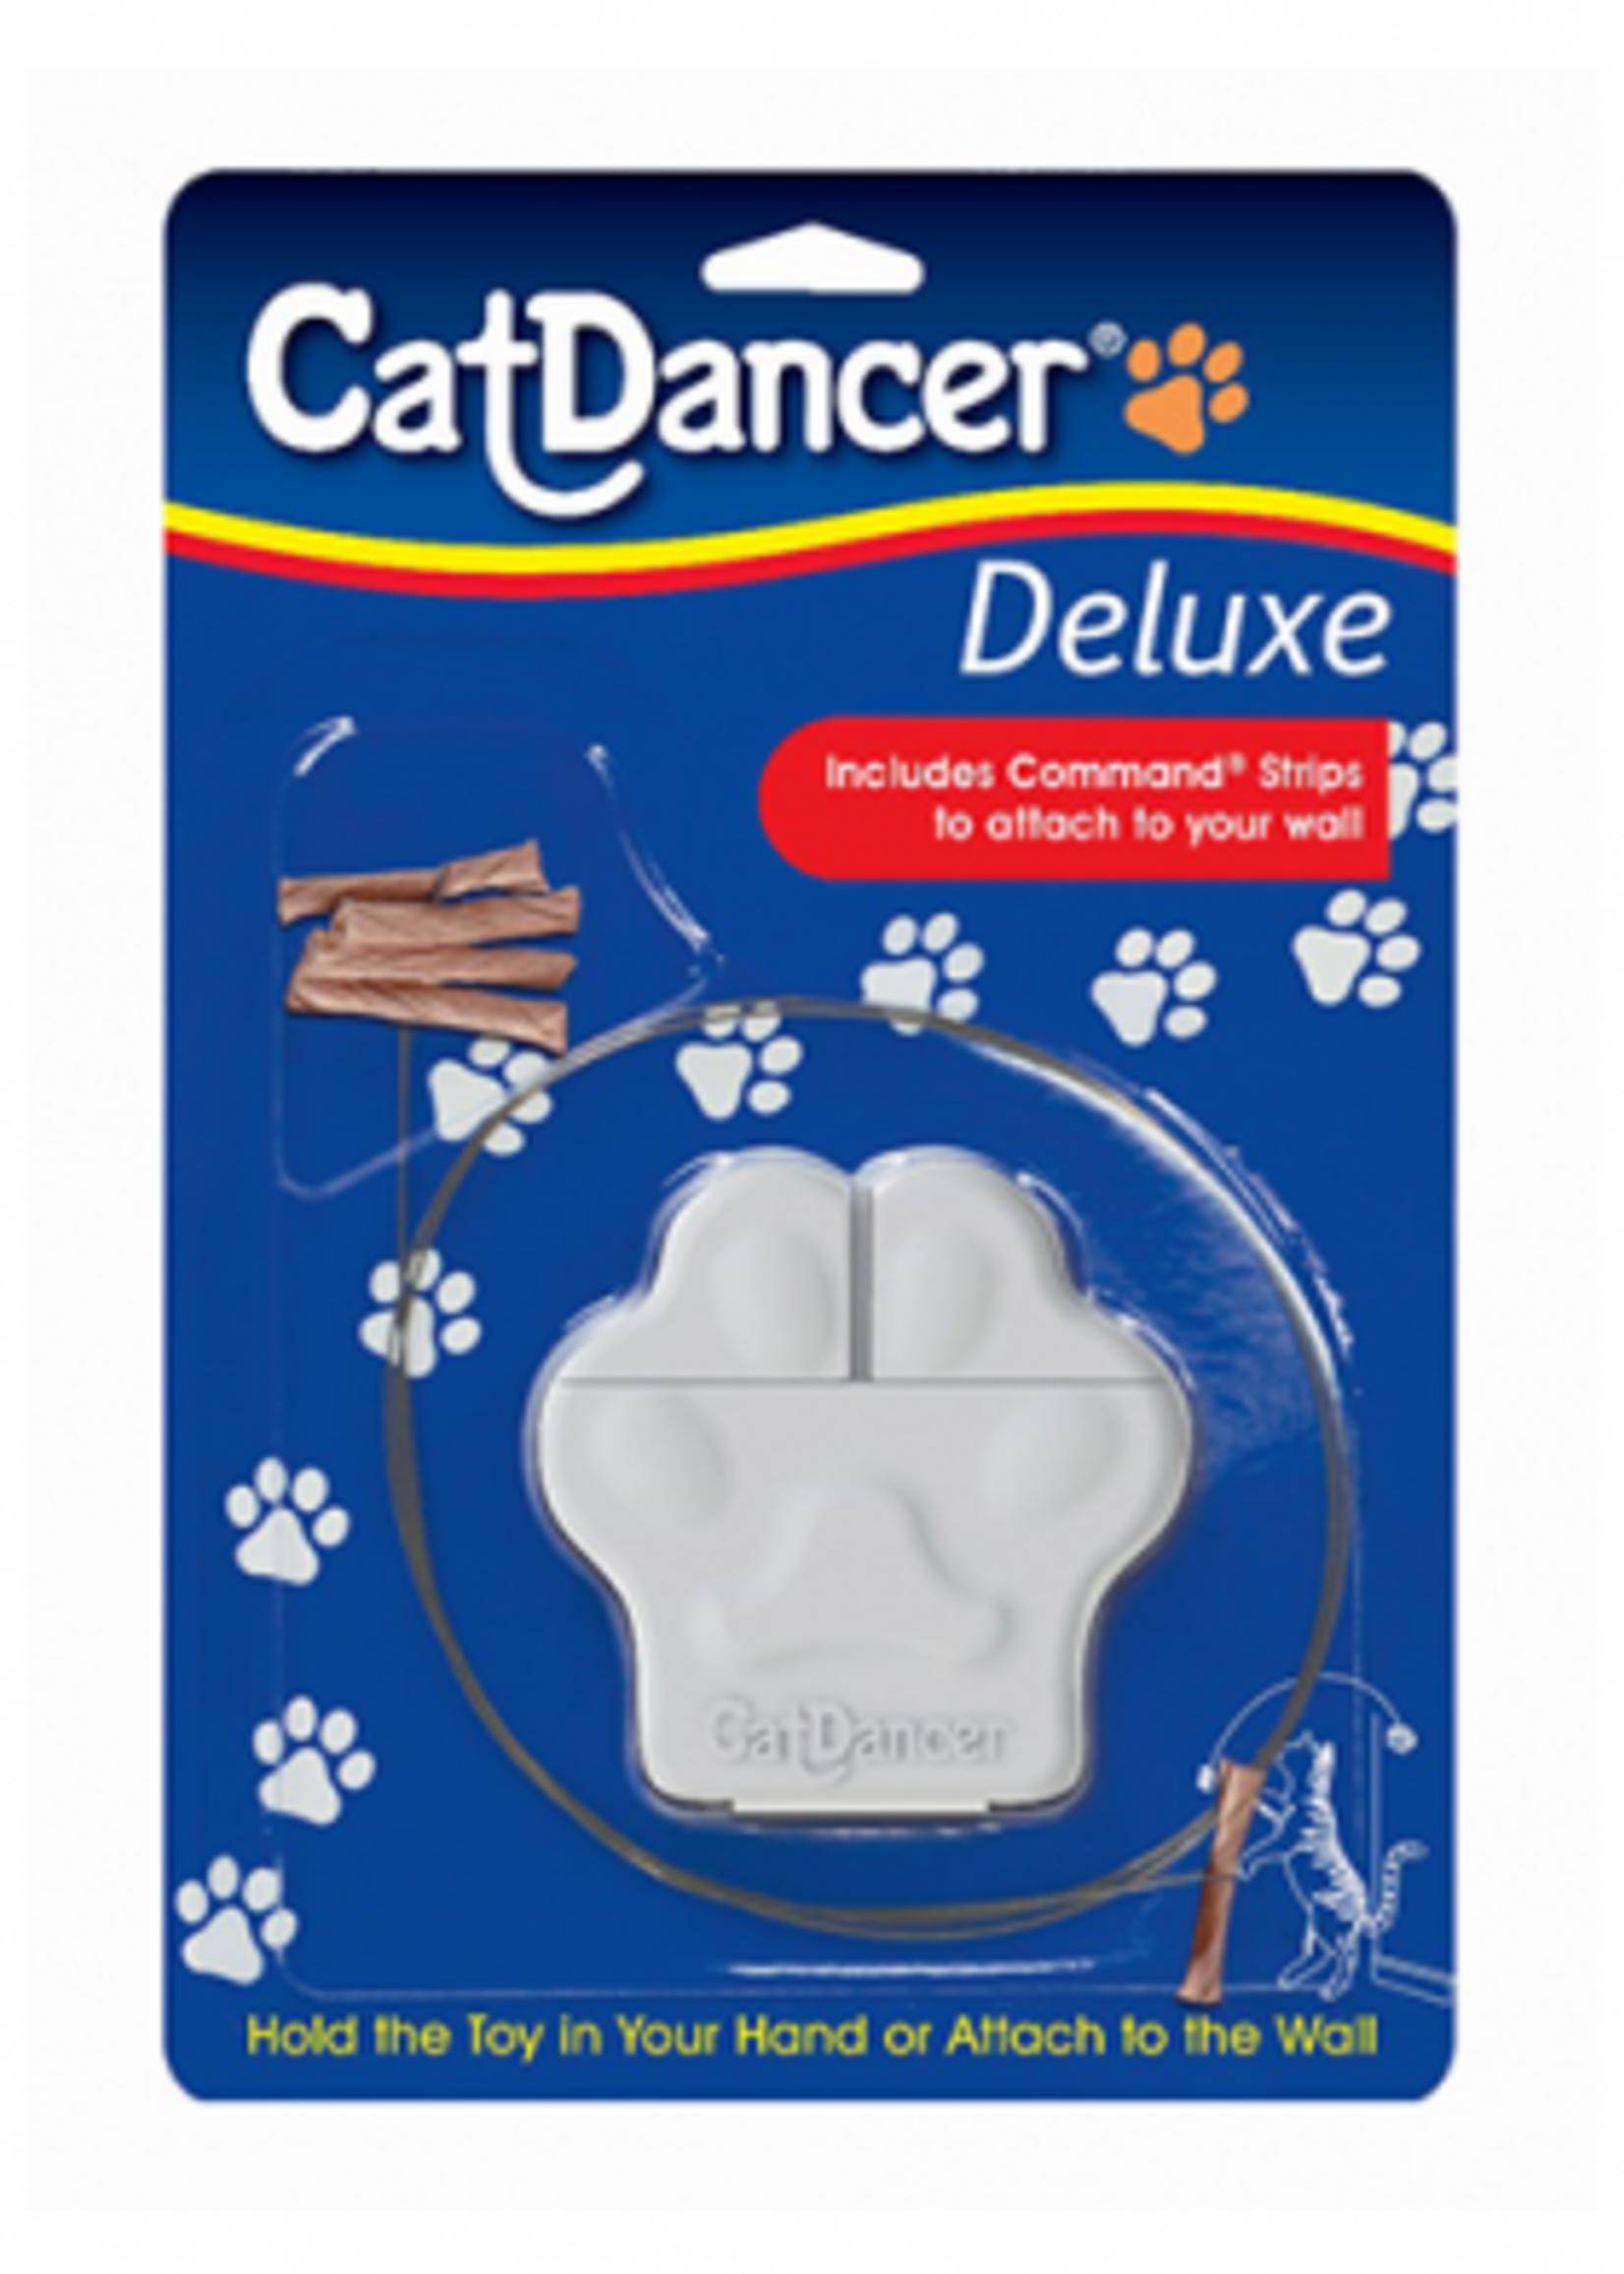 Cat Dancer® Cat Dancer Deluxe Interactive Toy